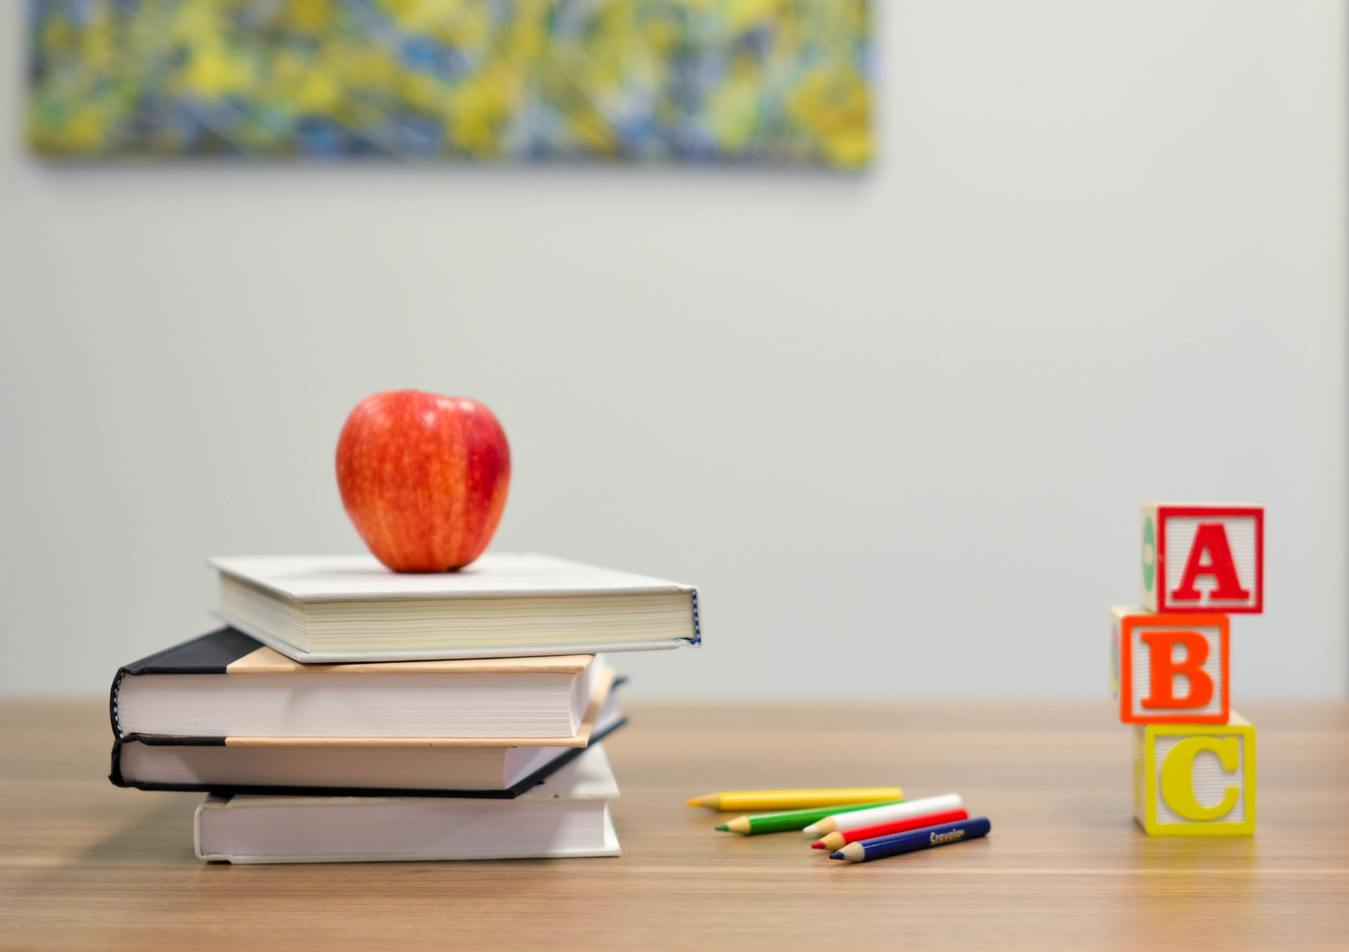 Livros, lápis, maçã e blocos com as letras A B C sobre a mesa